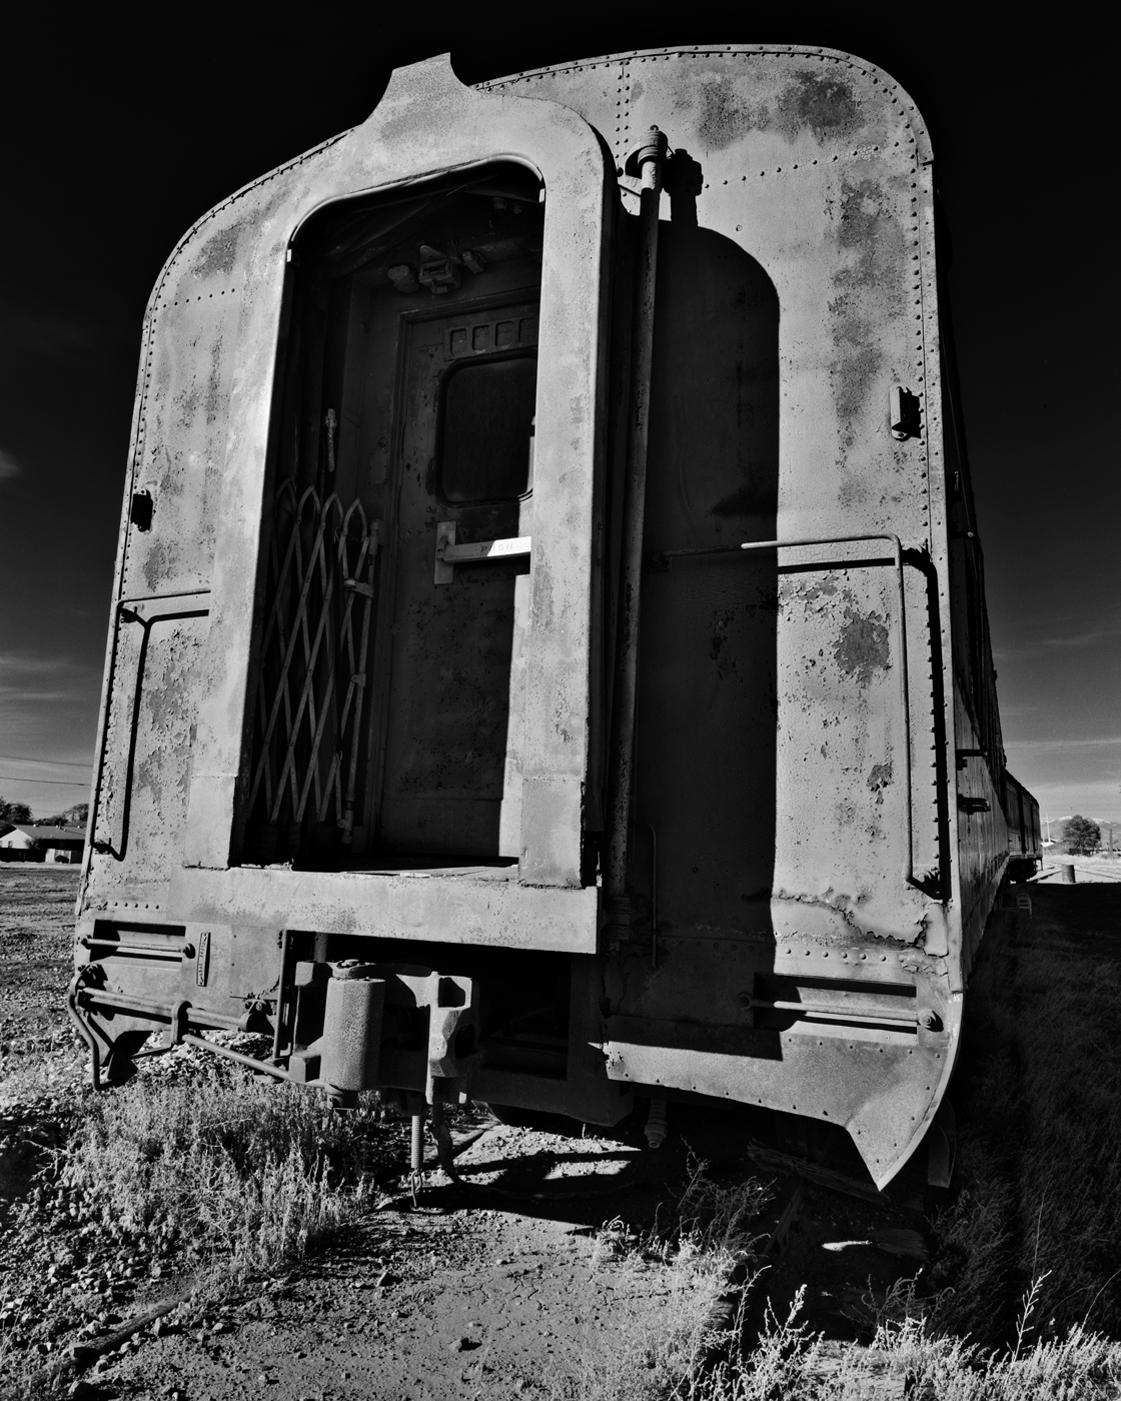 Train Car #3